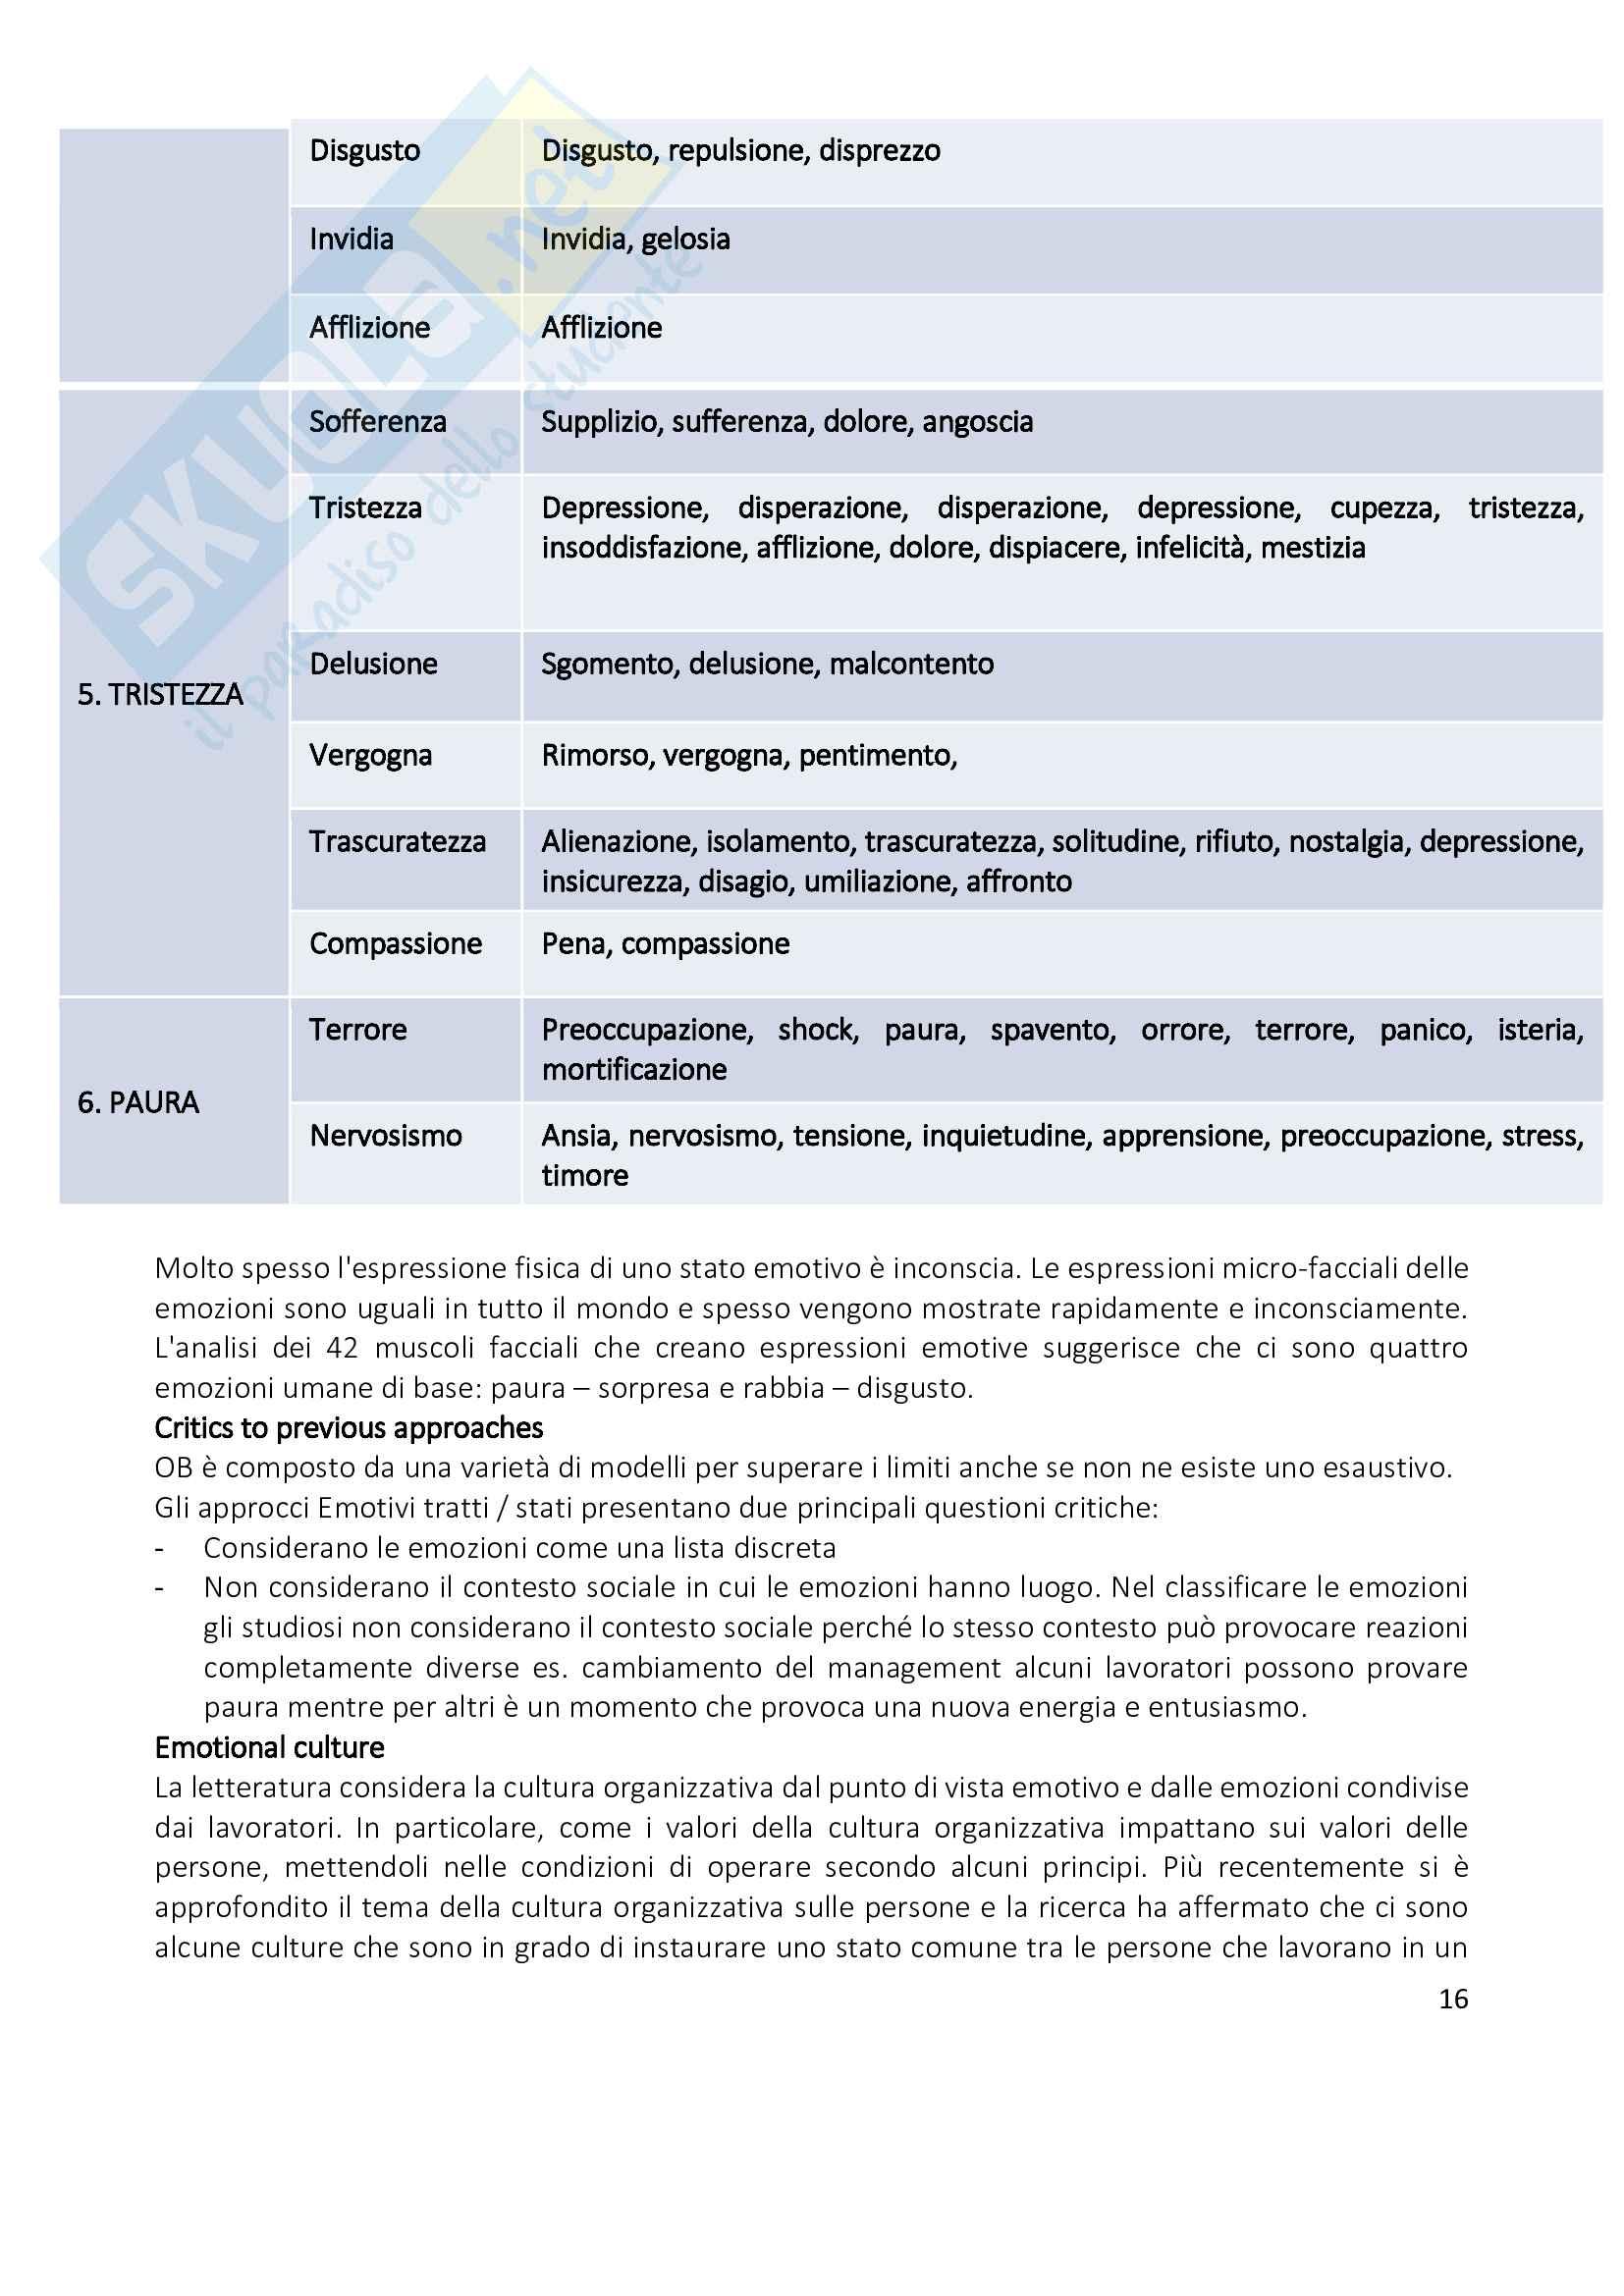 Lezioni Comportamento Organizzativo Pag. 16